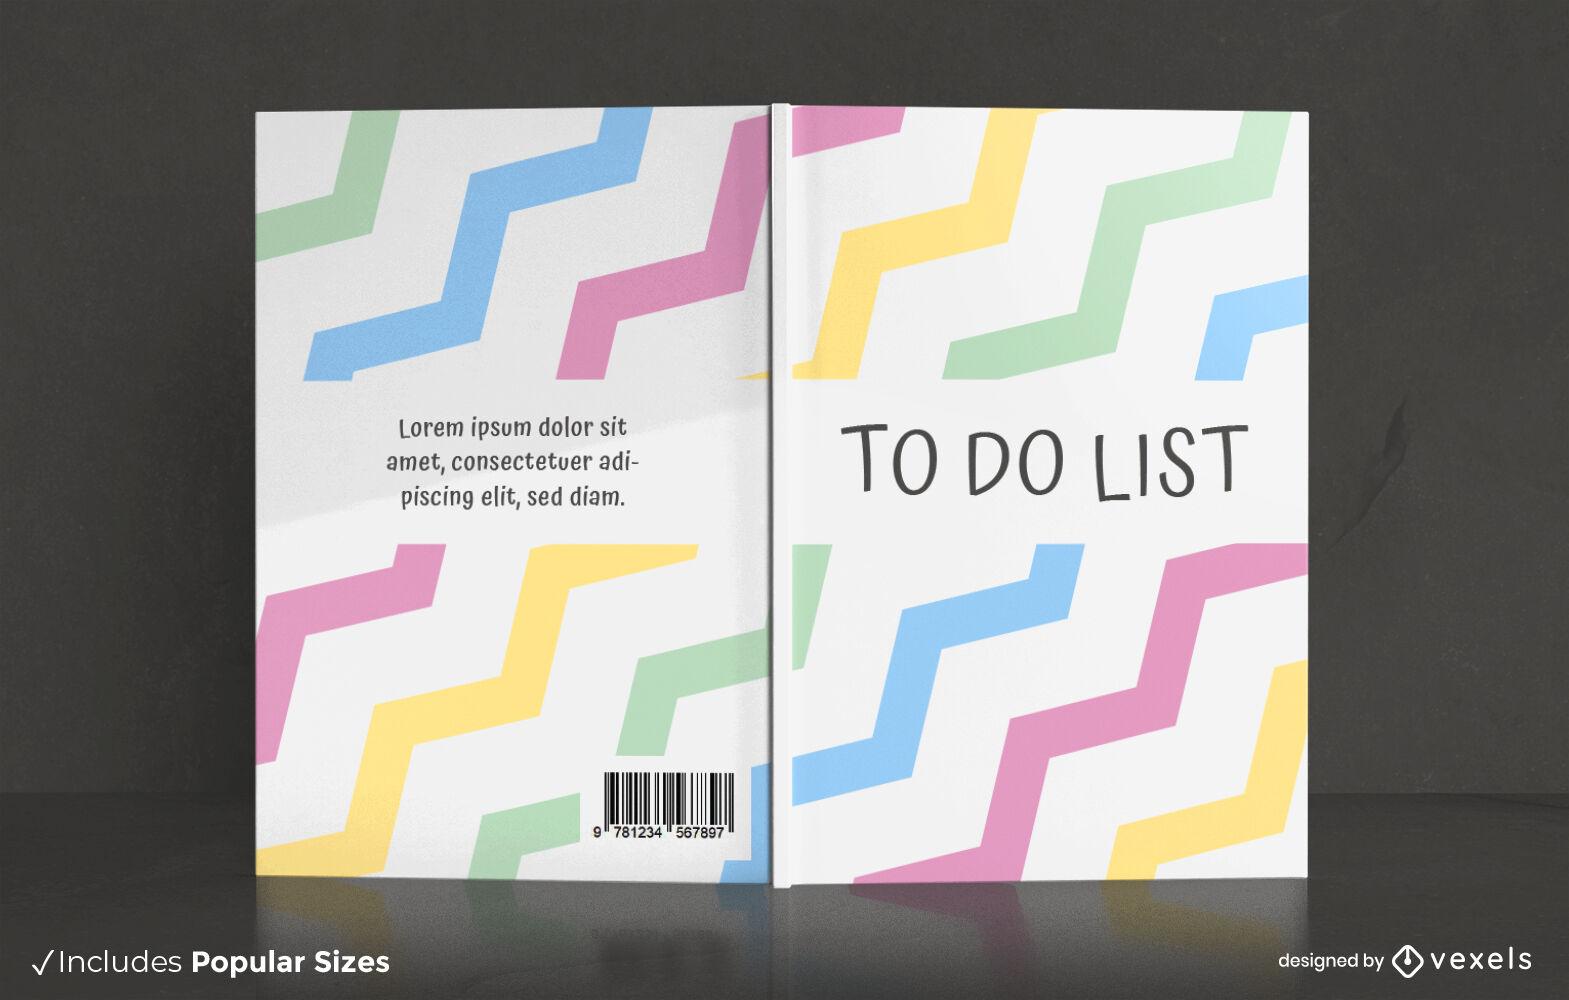 Excelente dise?o de portada de libro de lista de tareas